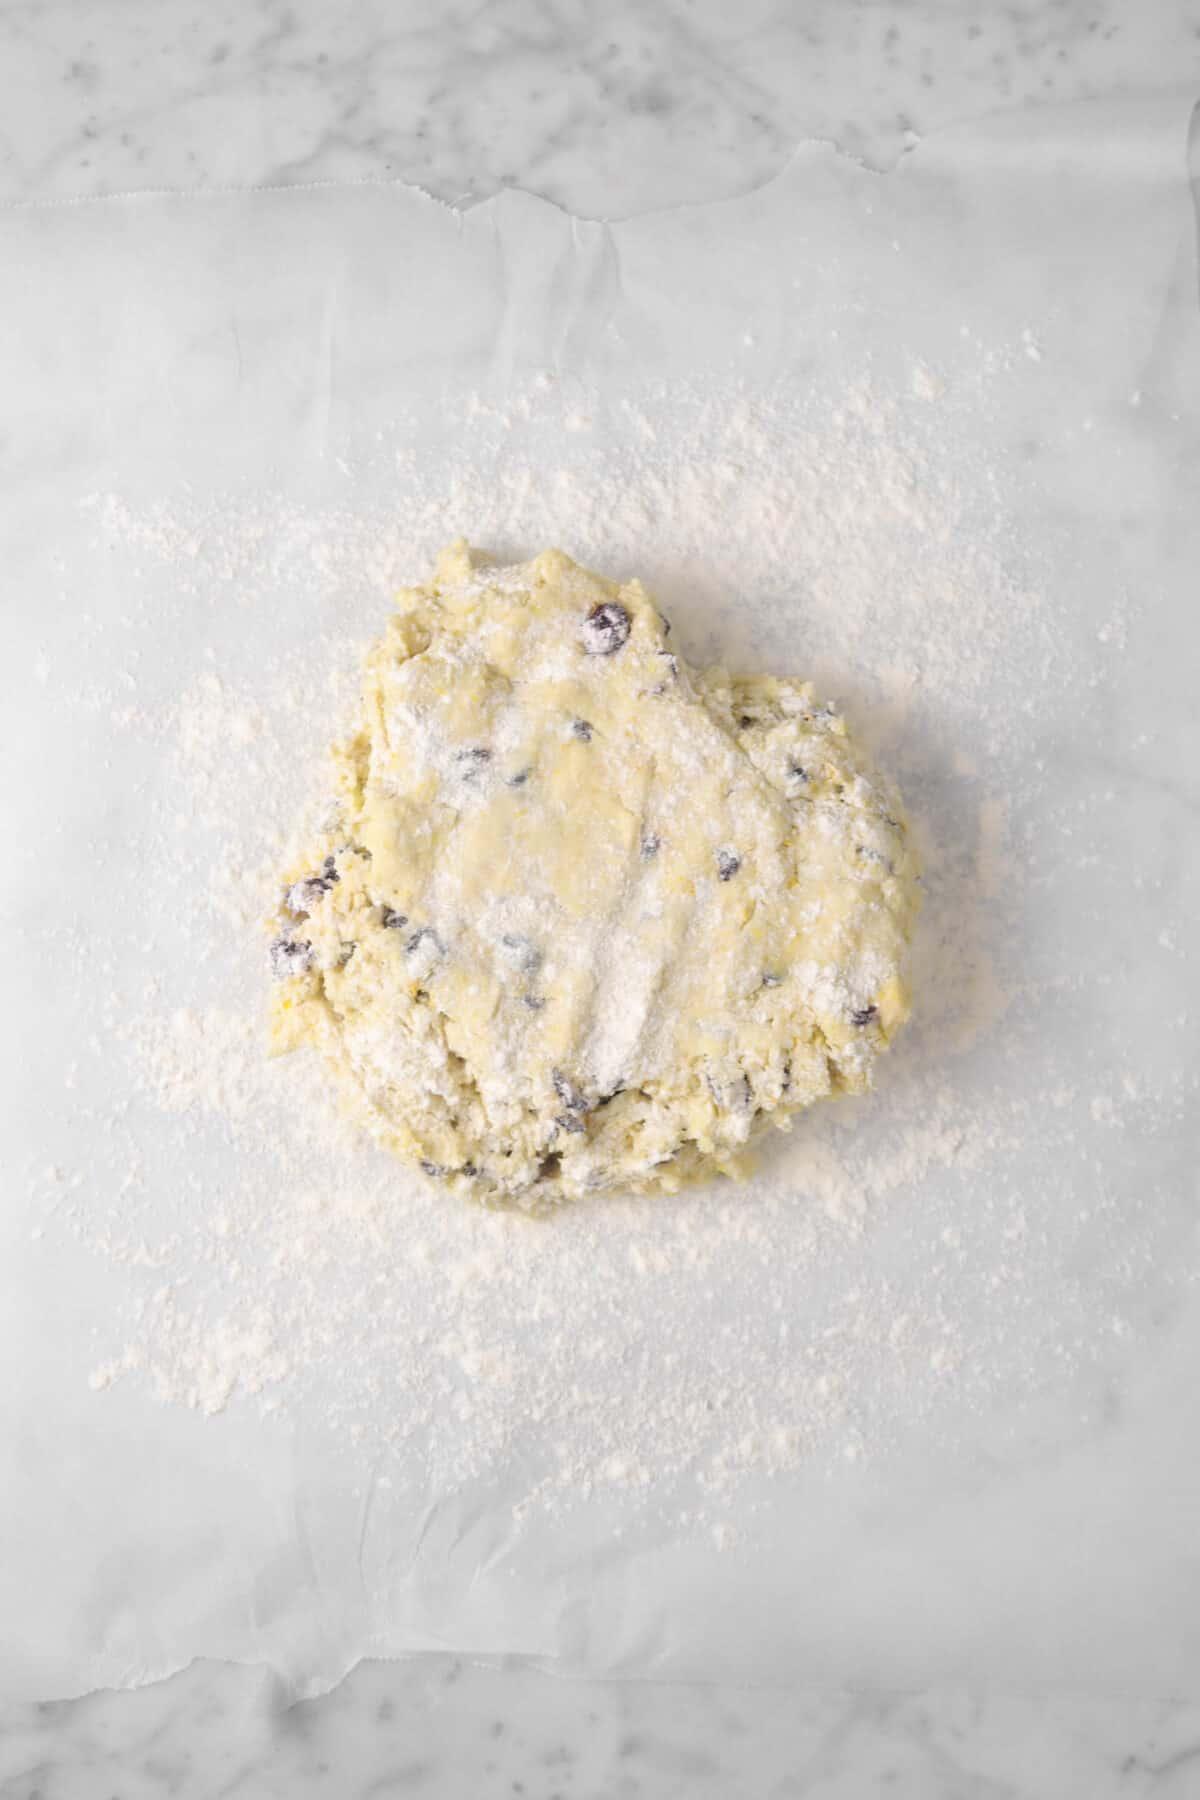 scone dough on parchment with flour